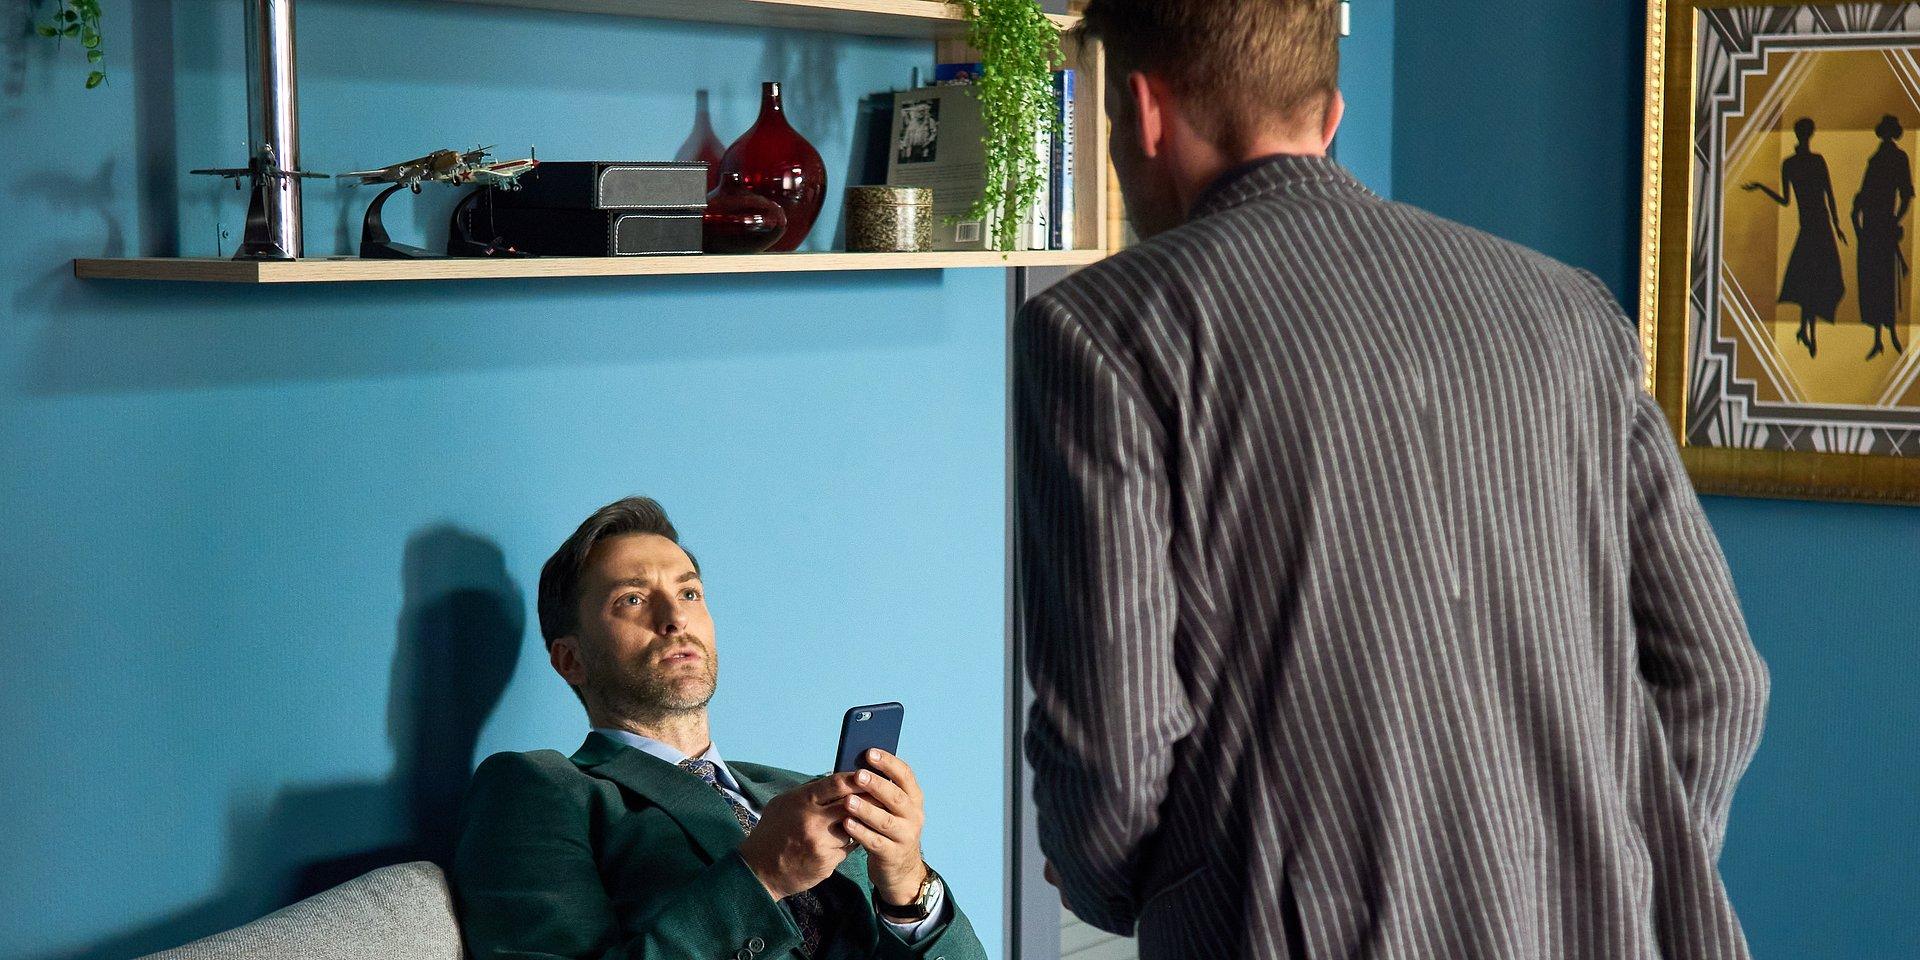 BrzydUla: Marek wprasza się na spotkanie Violi i Sebastiana.